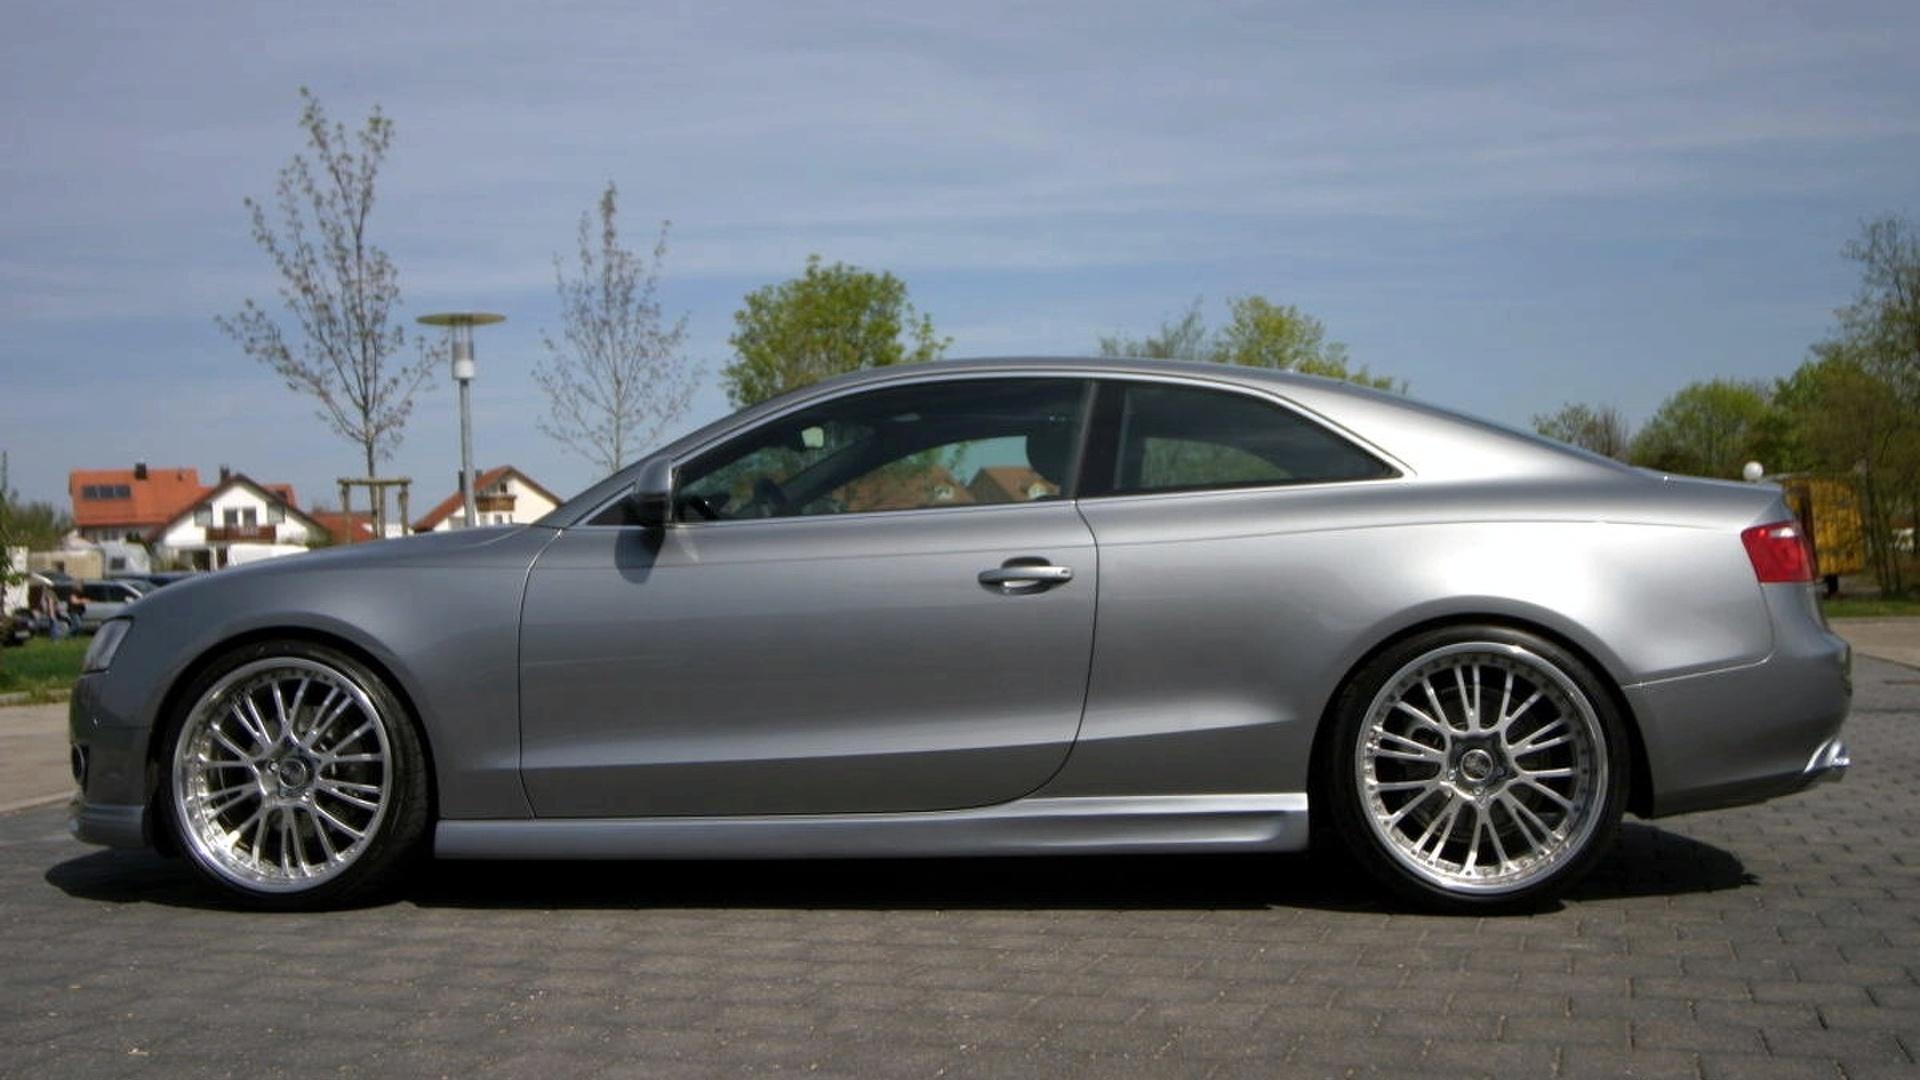 Kelebihan Kekurangan Audi A5 Coupe 2008 Harga